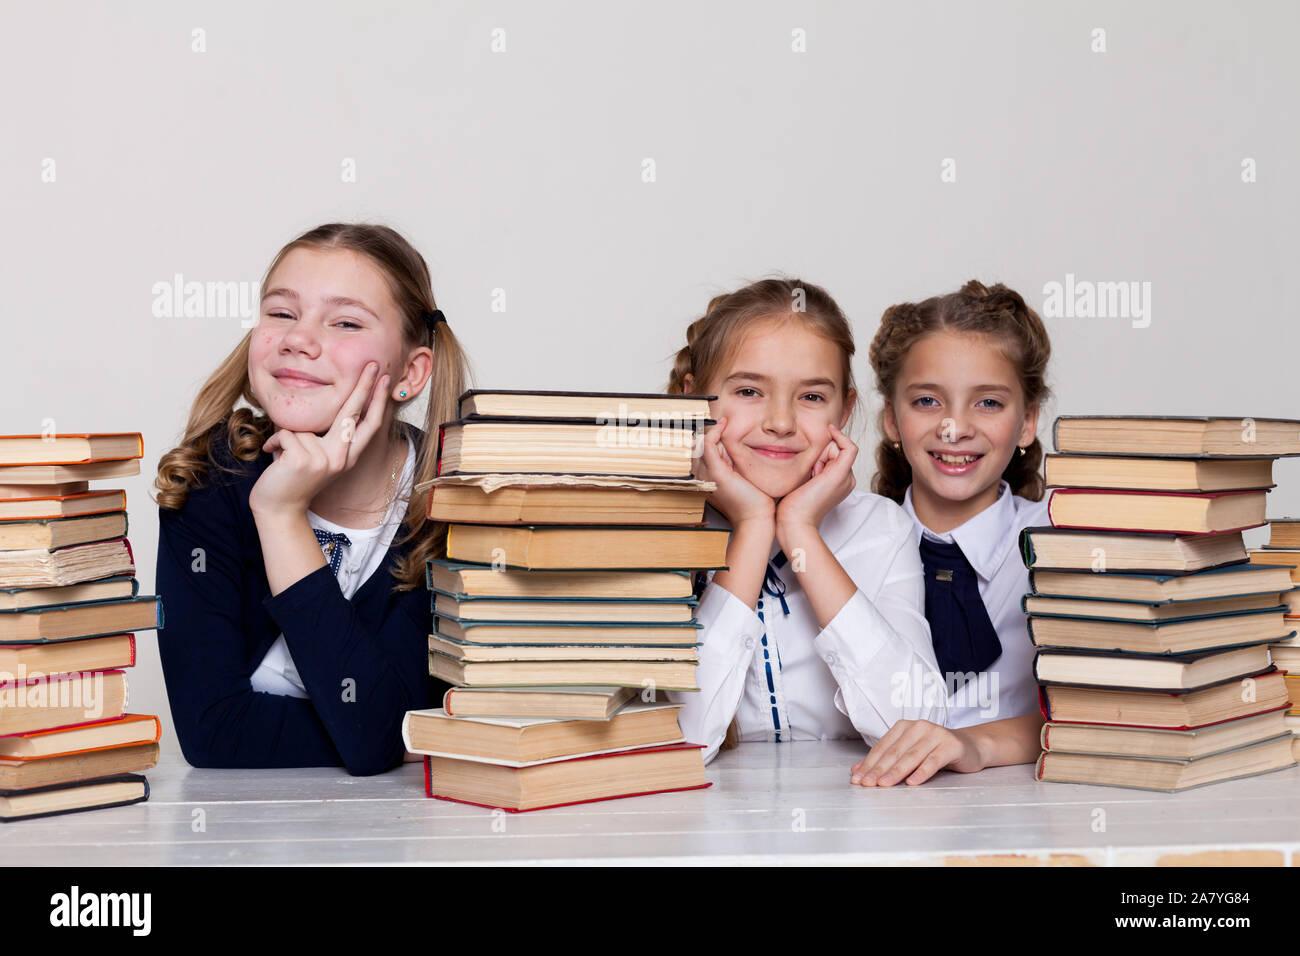 Drei schulmädchen Mädchen mit Büchern in der Bibliothek in der Klasse an der Rezeption Stockfoto